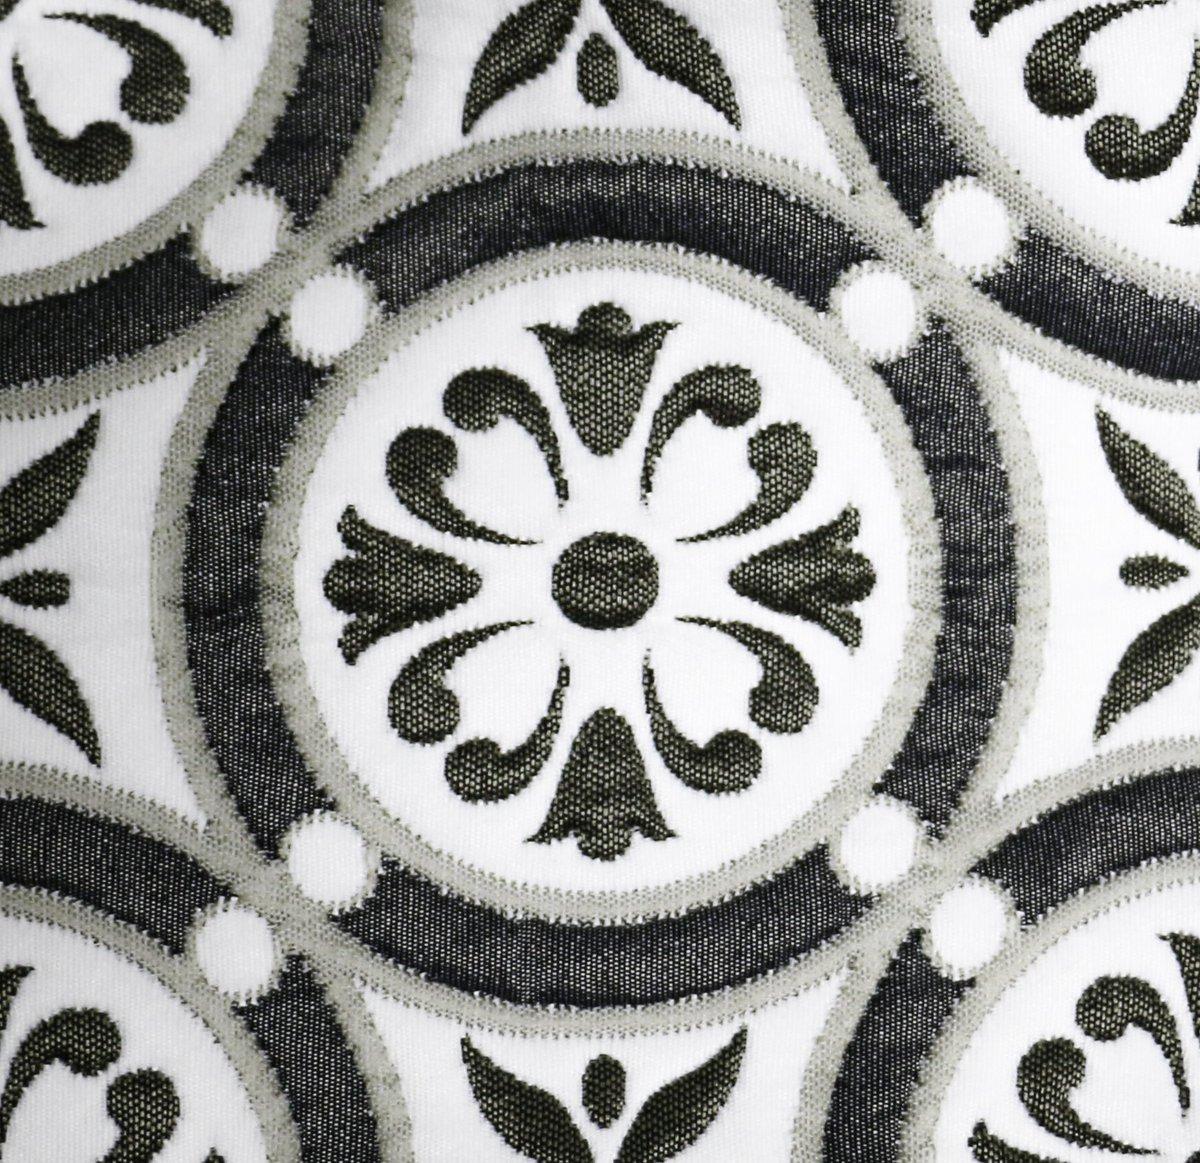 La bella textura de nuestro #JacquardTommy tiene orígenes árabes, específicamente de #Marruecos. Cuéntanos que se te ocurre tapizar con ella.  #ImaginaTodoloquePuedesCrear #Crealo #Diseñalo #Imagínalo